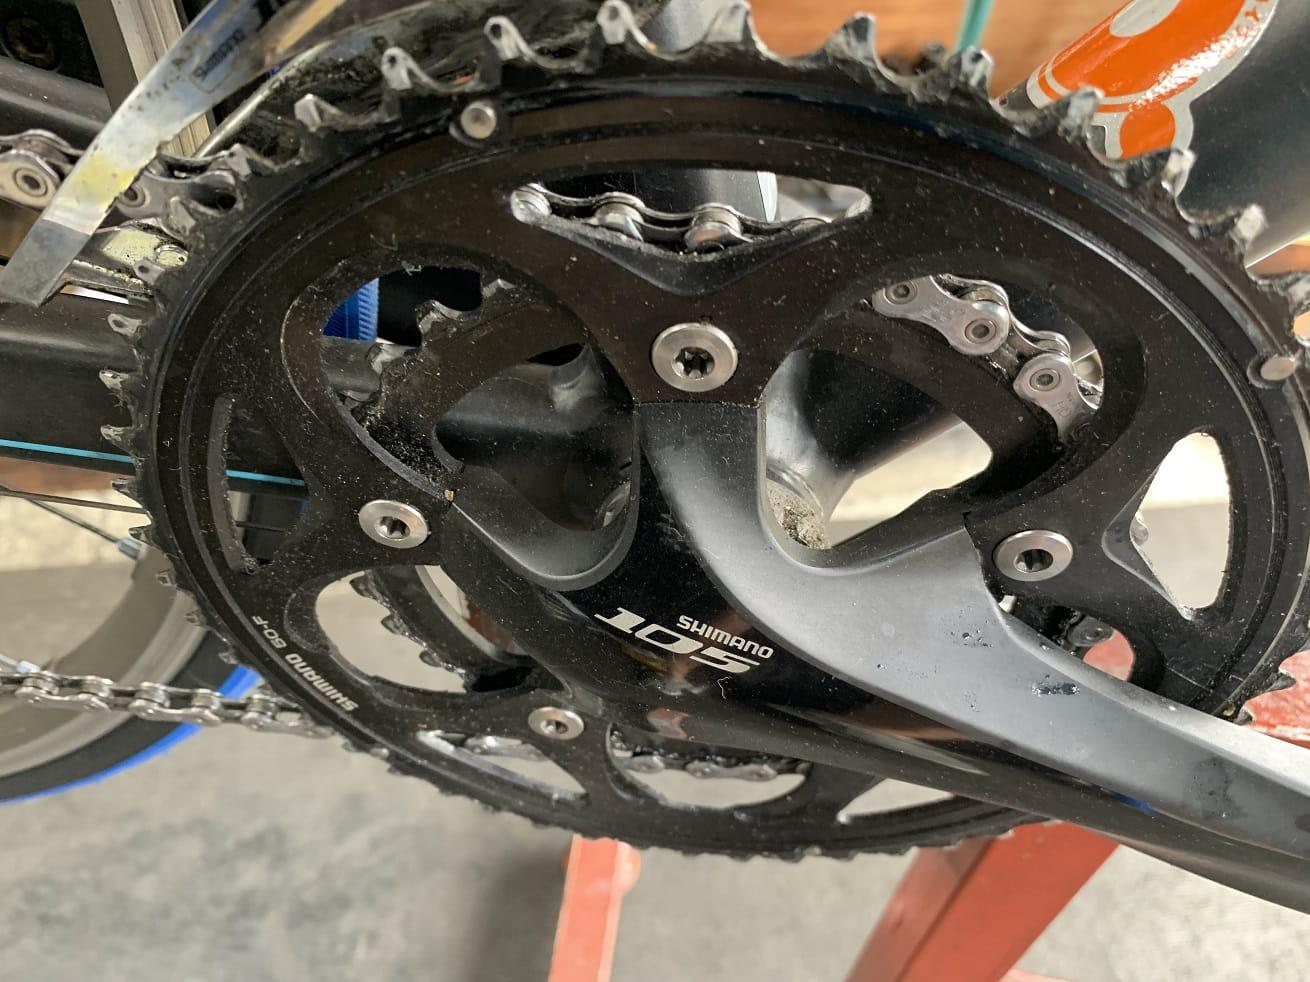 ロードバイク洗車作業前の汚れたチェーンリング